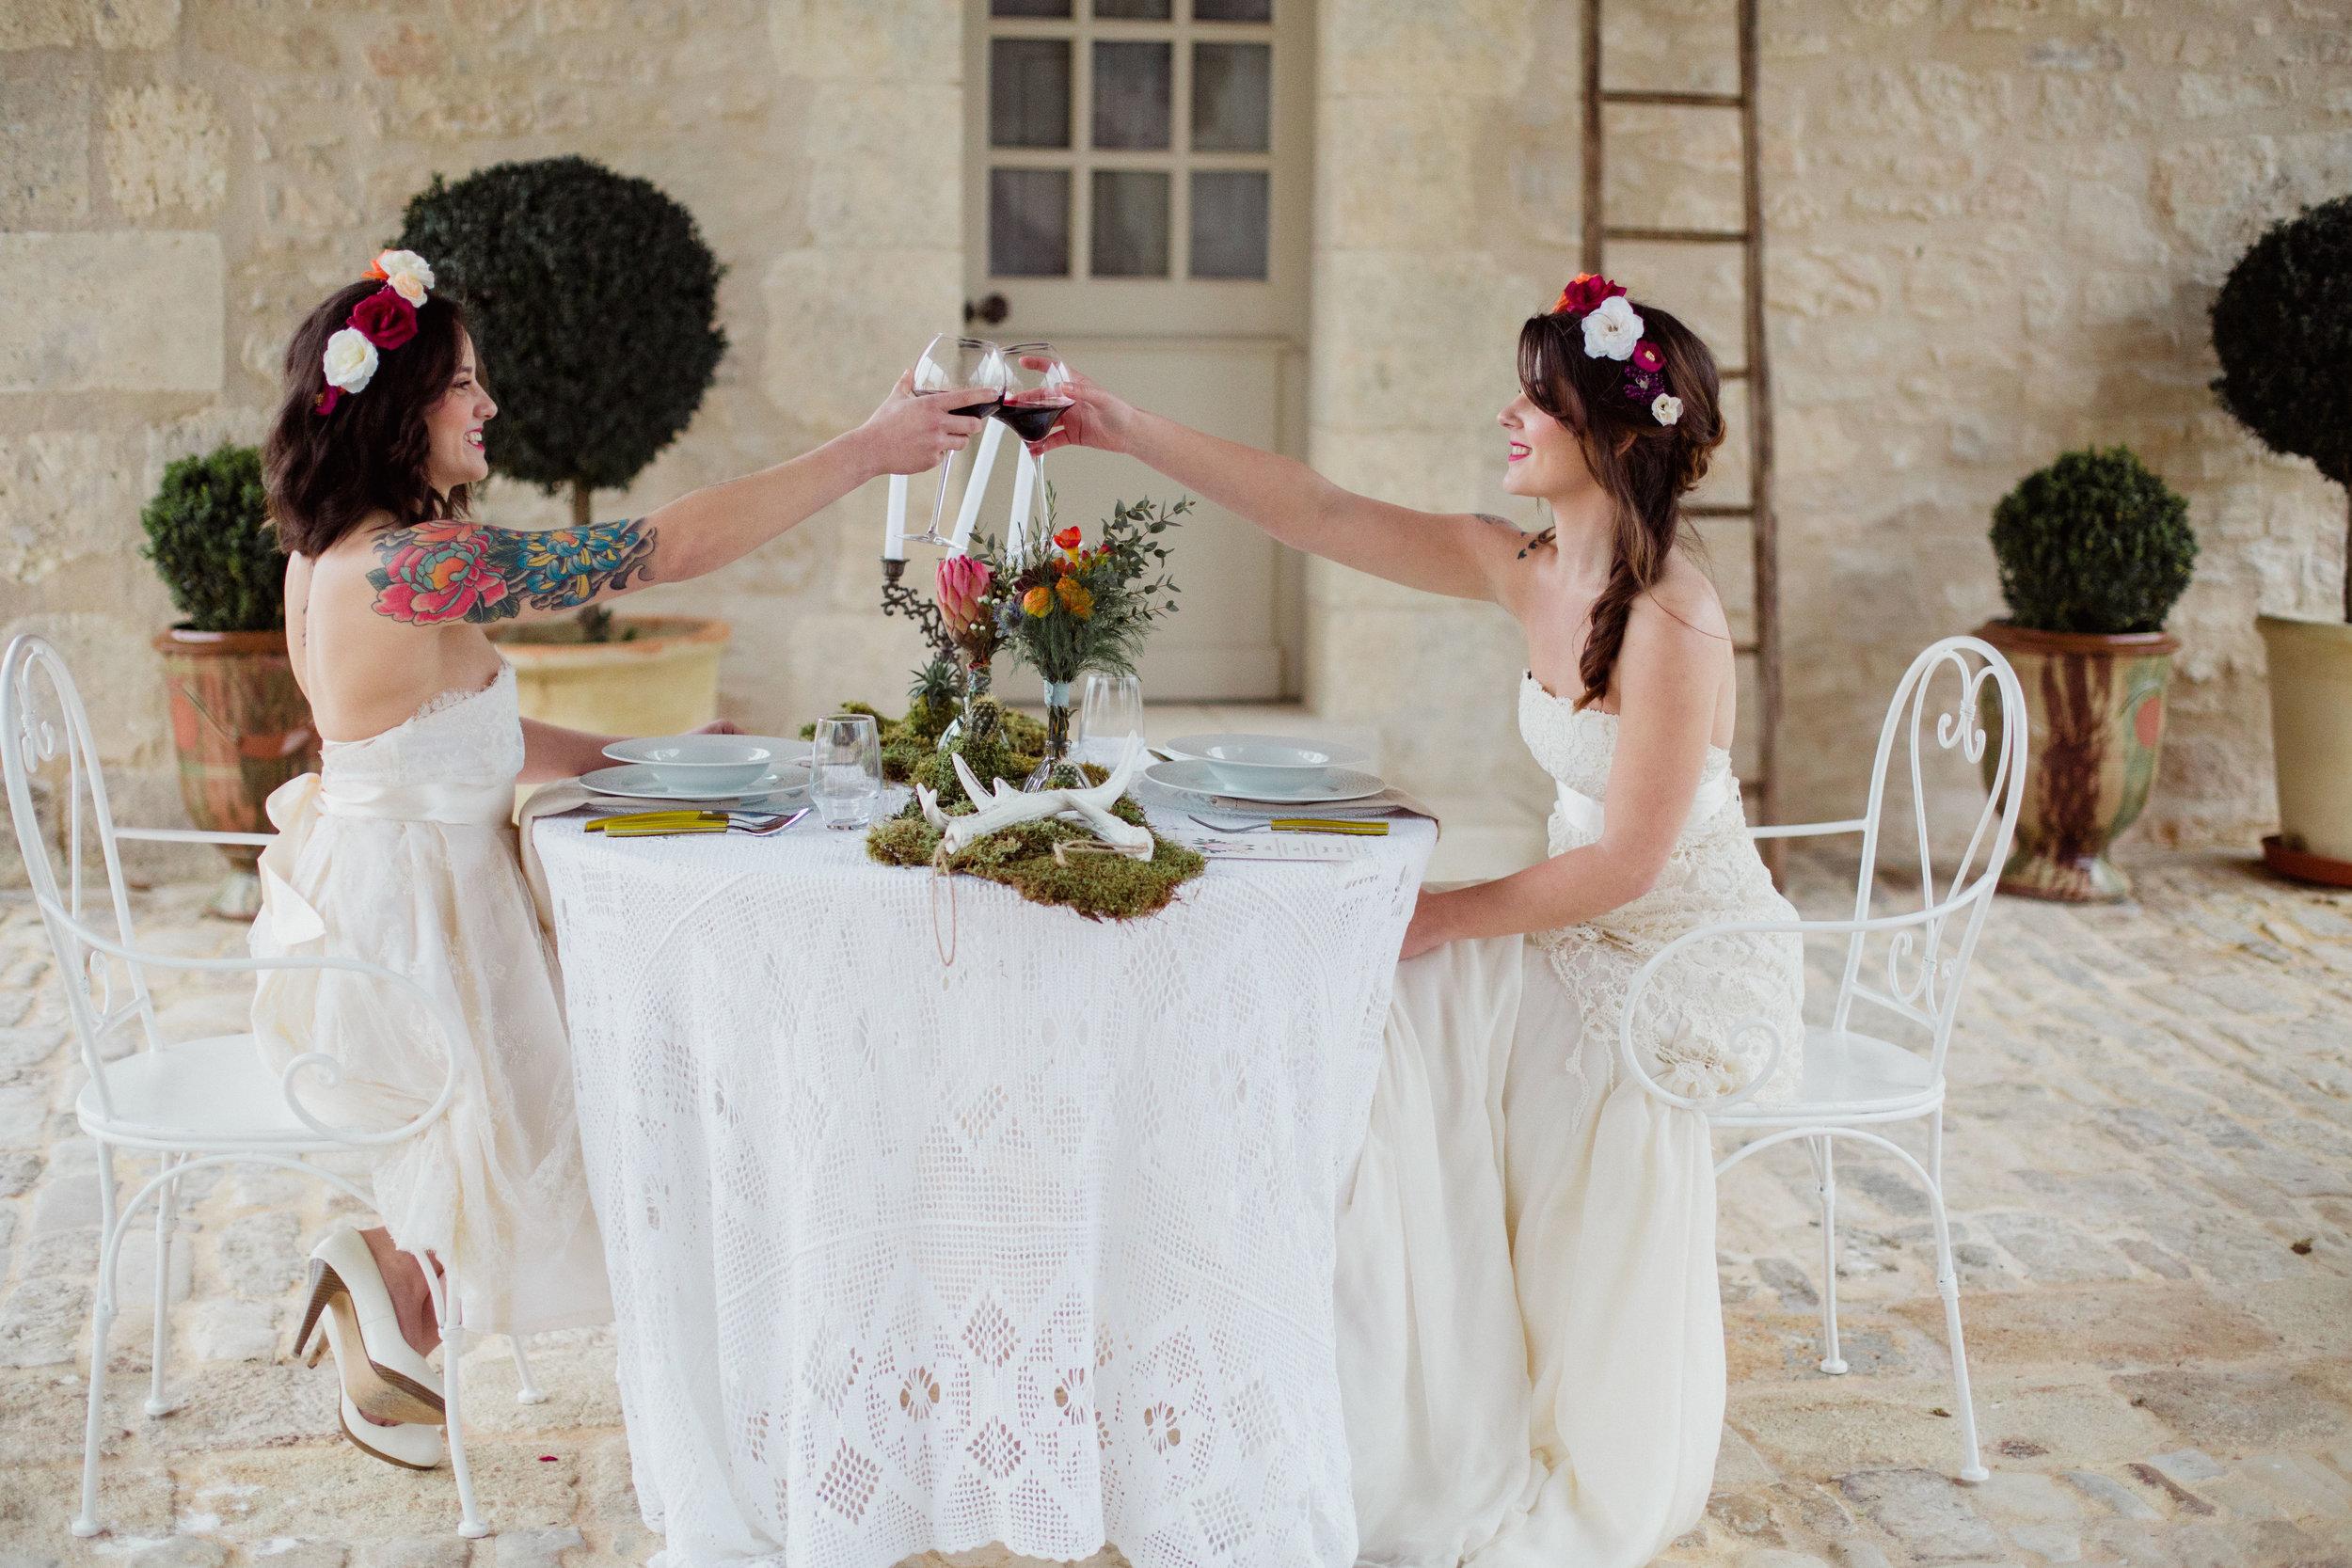 WeddingDayInspiration_T&M-115.jpg